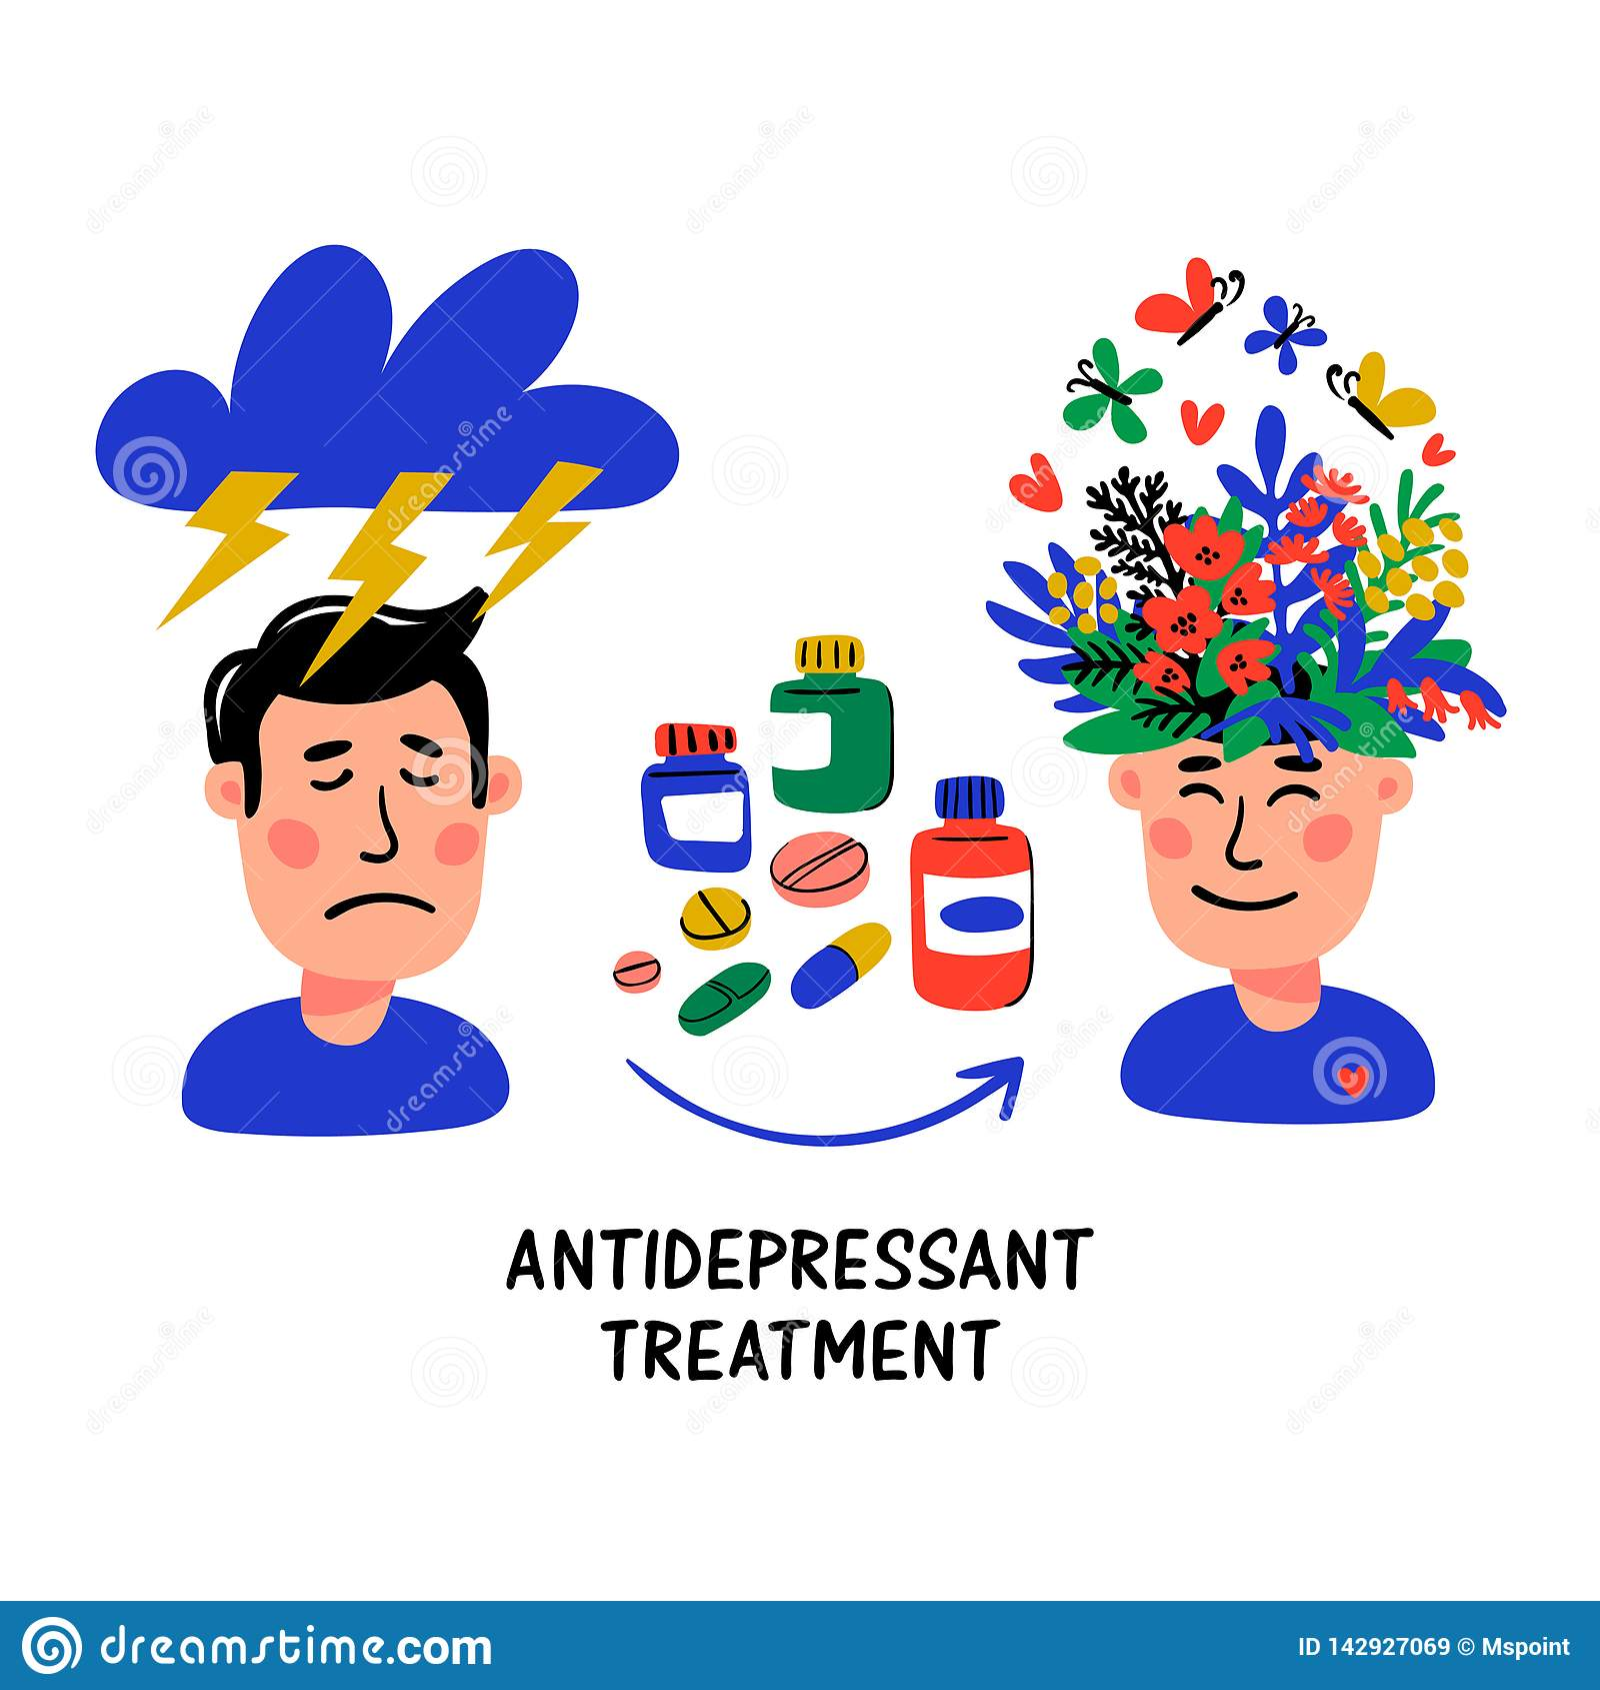 心理学 抗抑郁剂治疗 在瓶子和药片的疗程 反对重音和消沉的医疗治疗 乱画